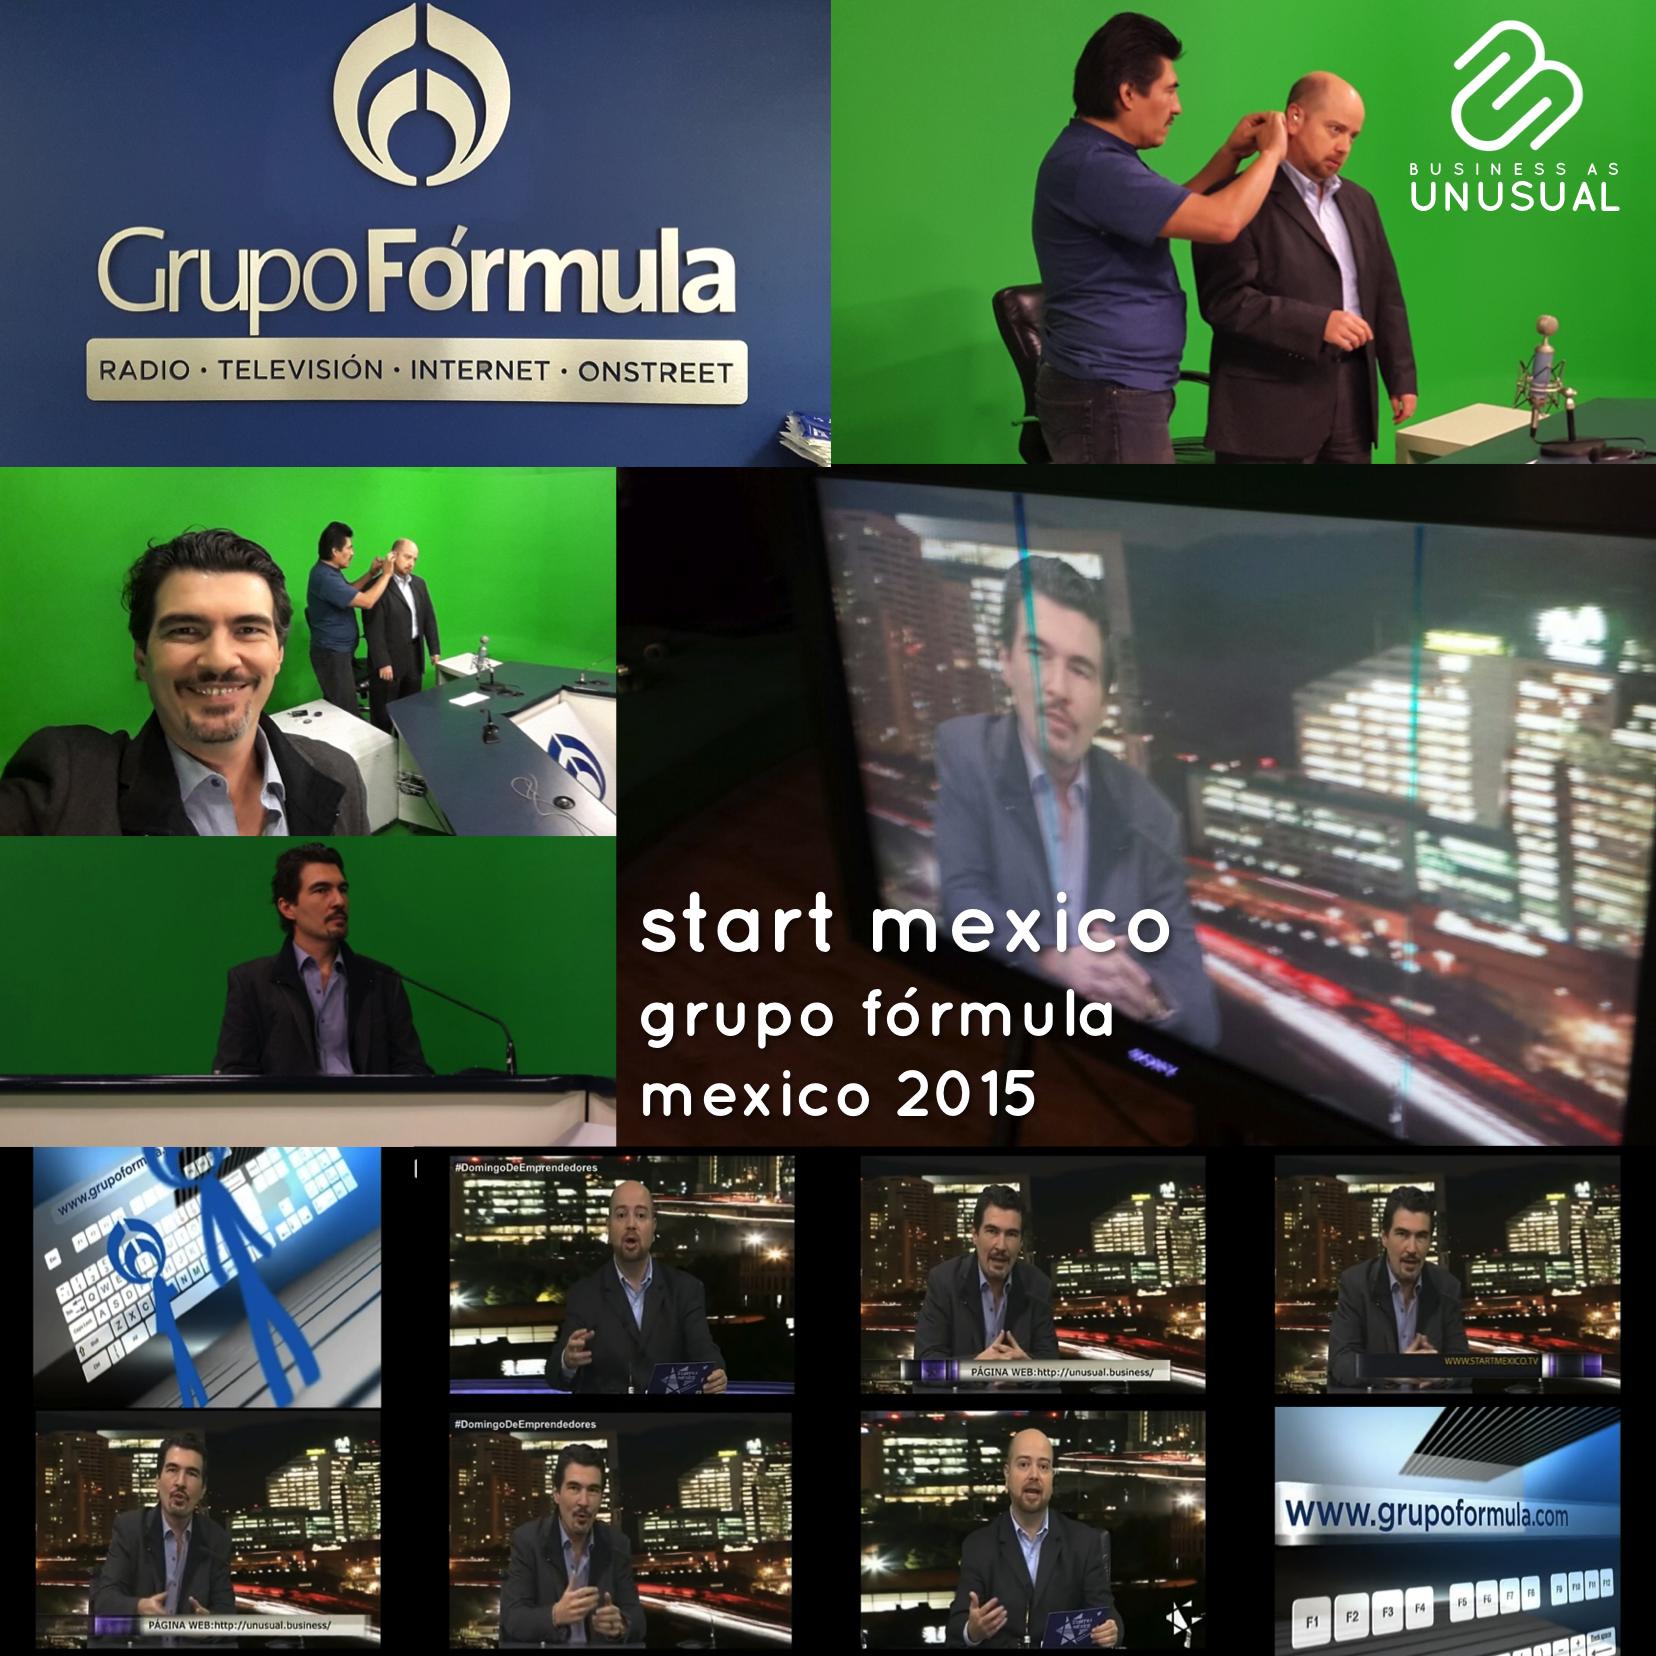 grupo fórmula - start méxico